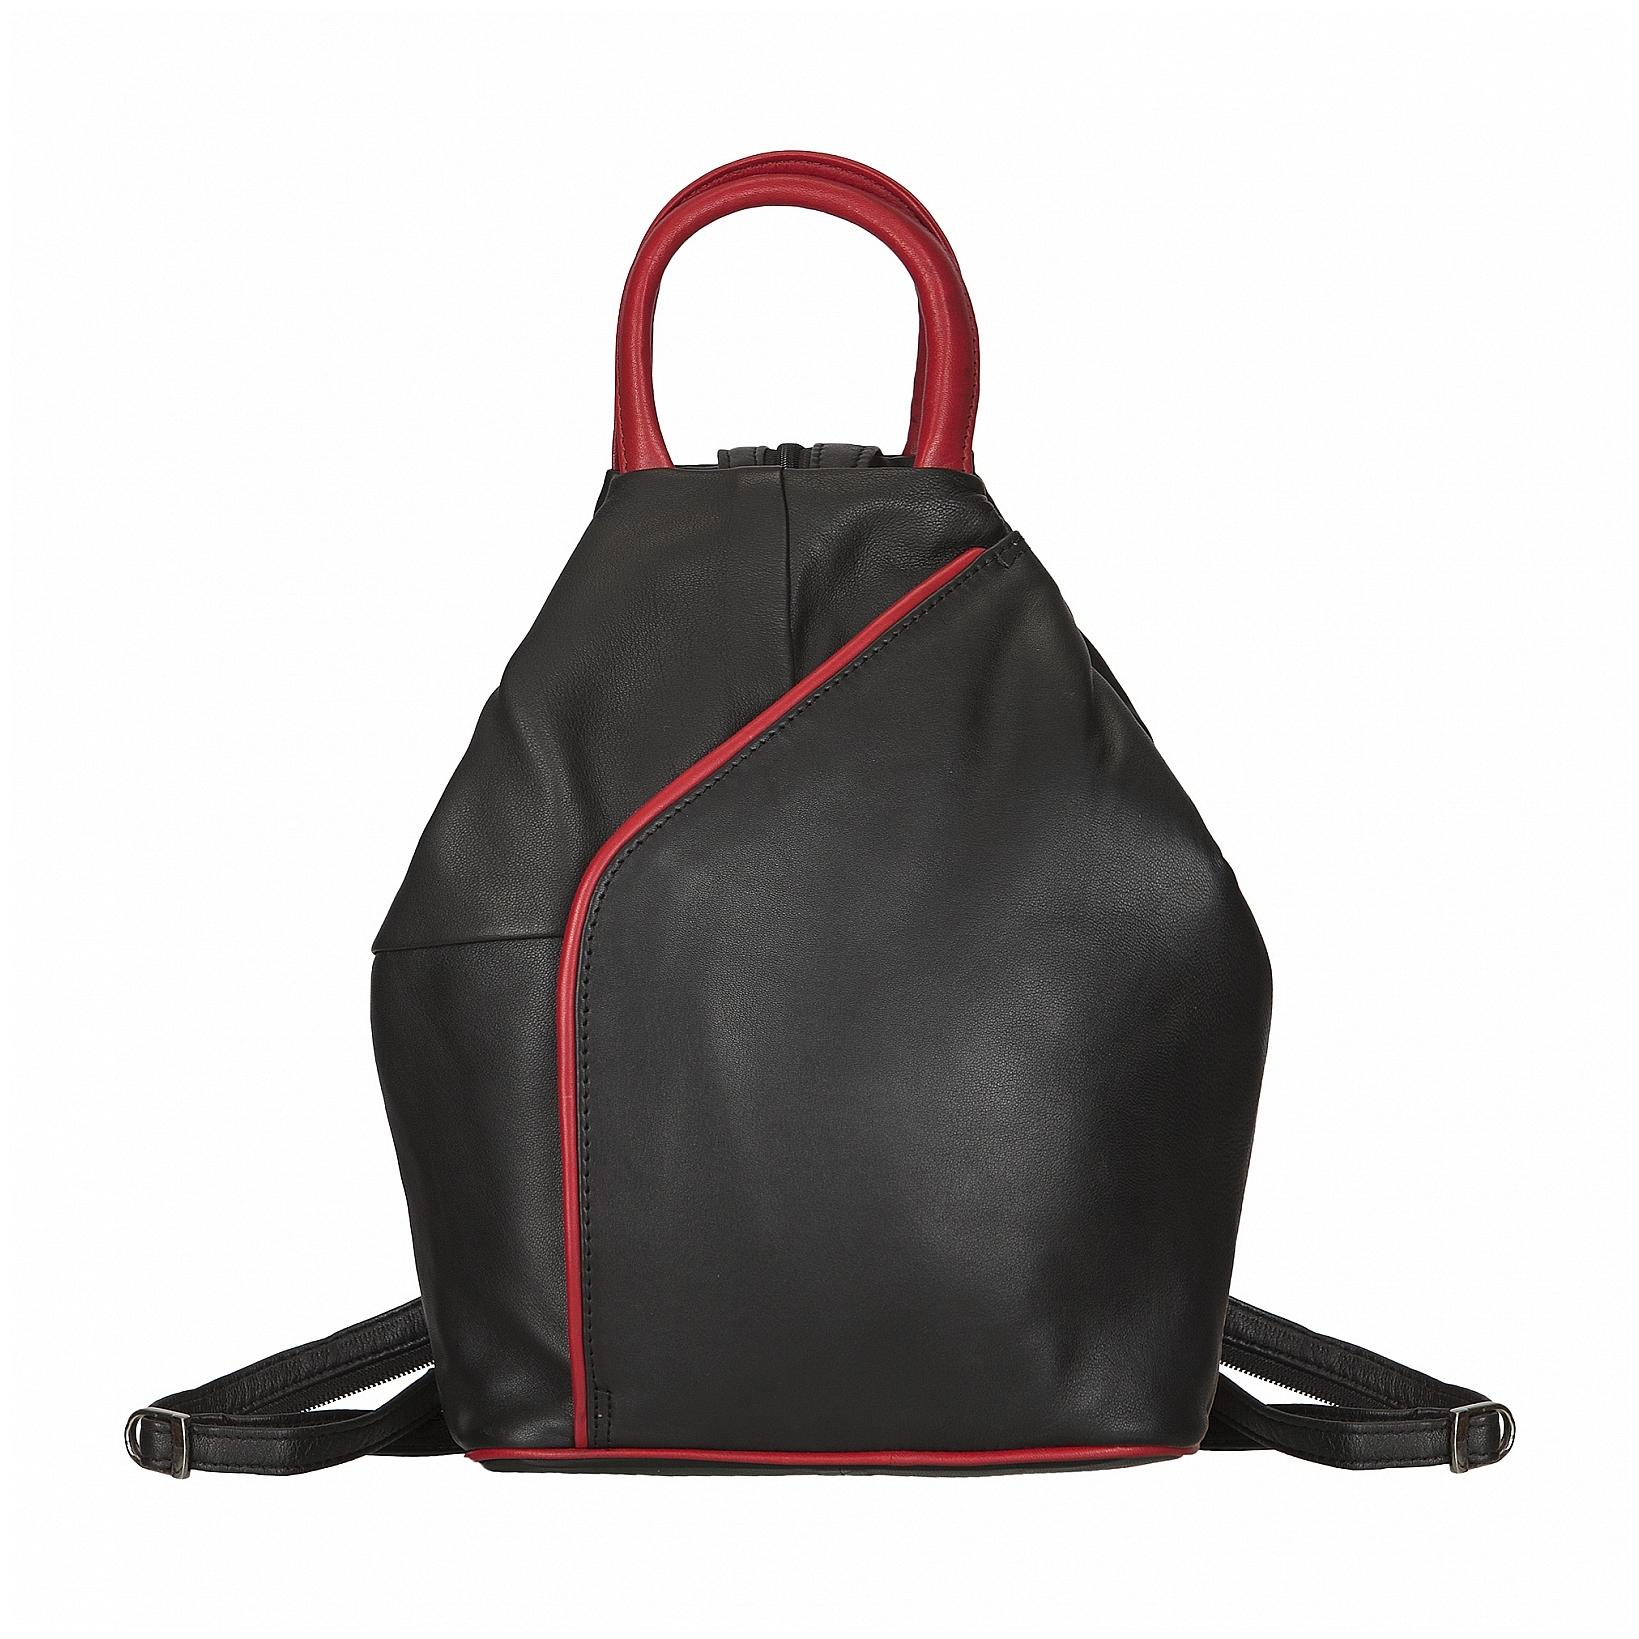 ESTELLE Kožený batůžek do města 1316-22 černo-červená